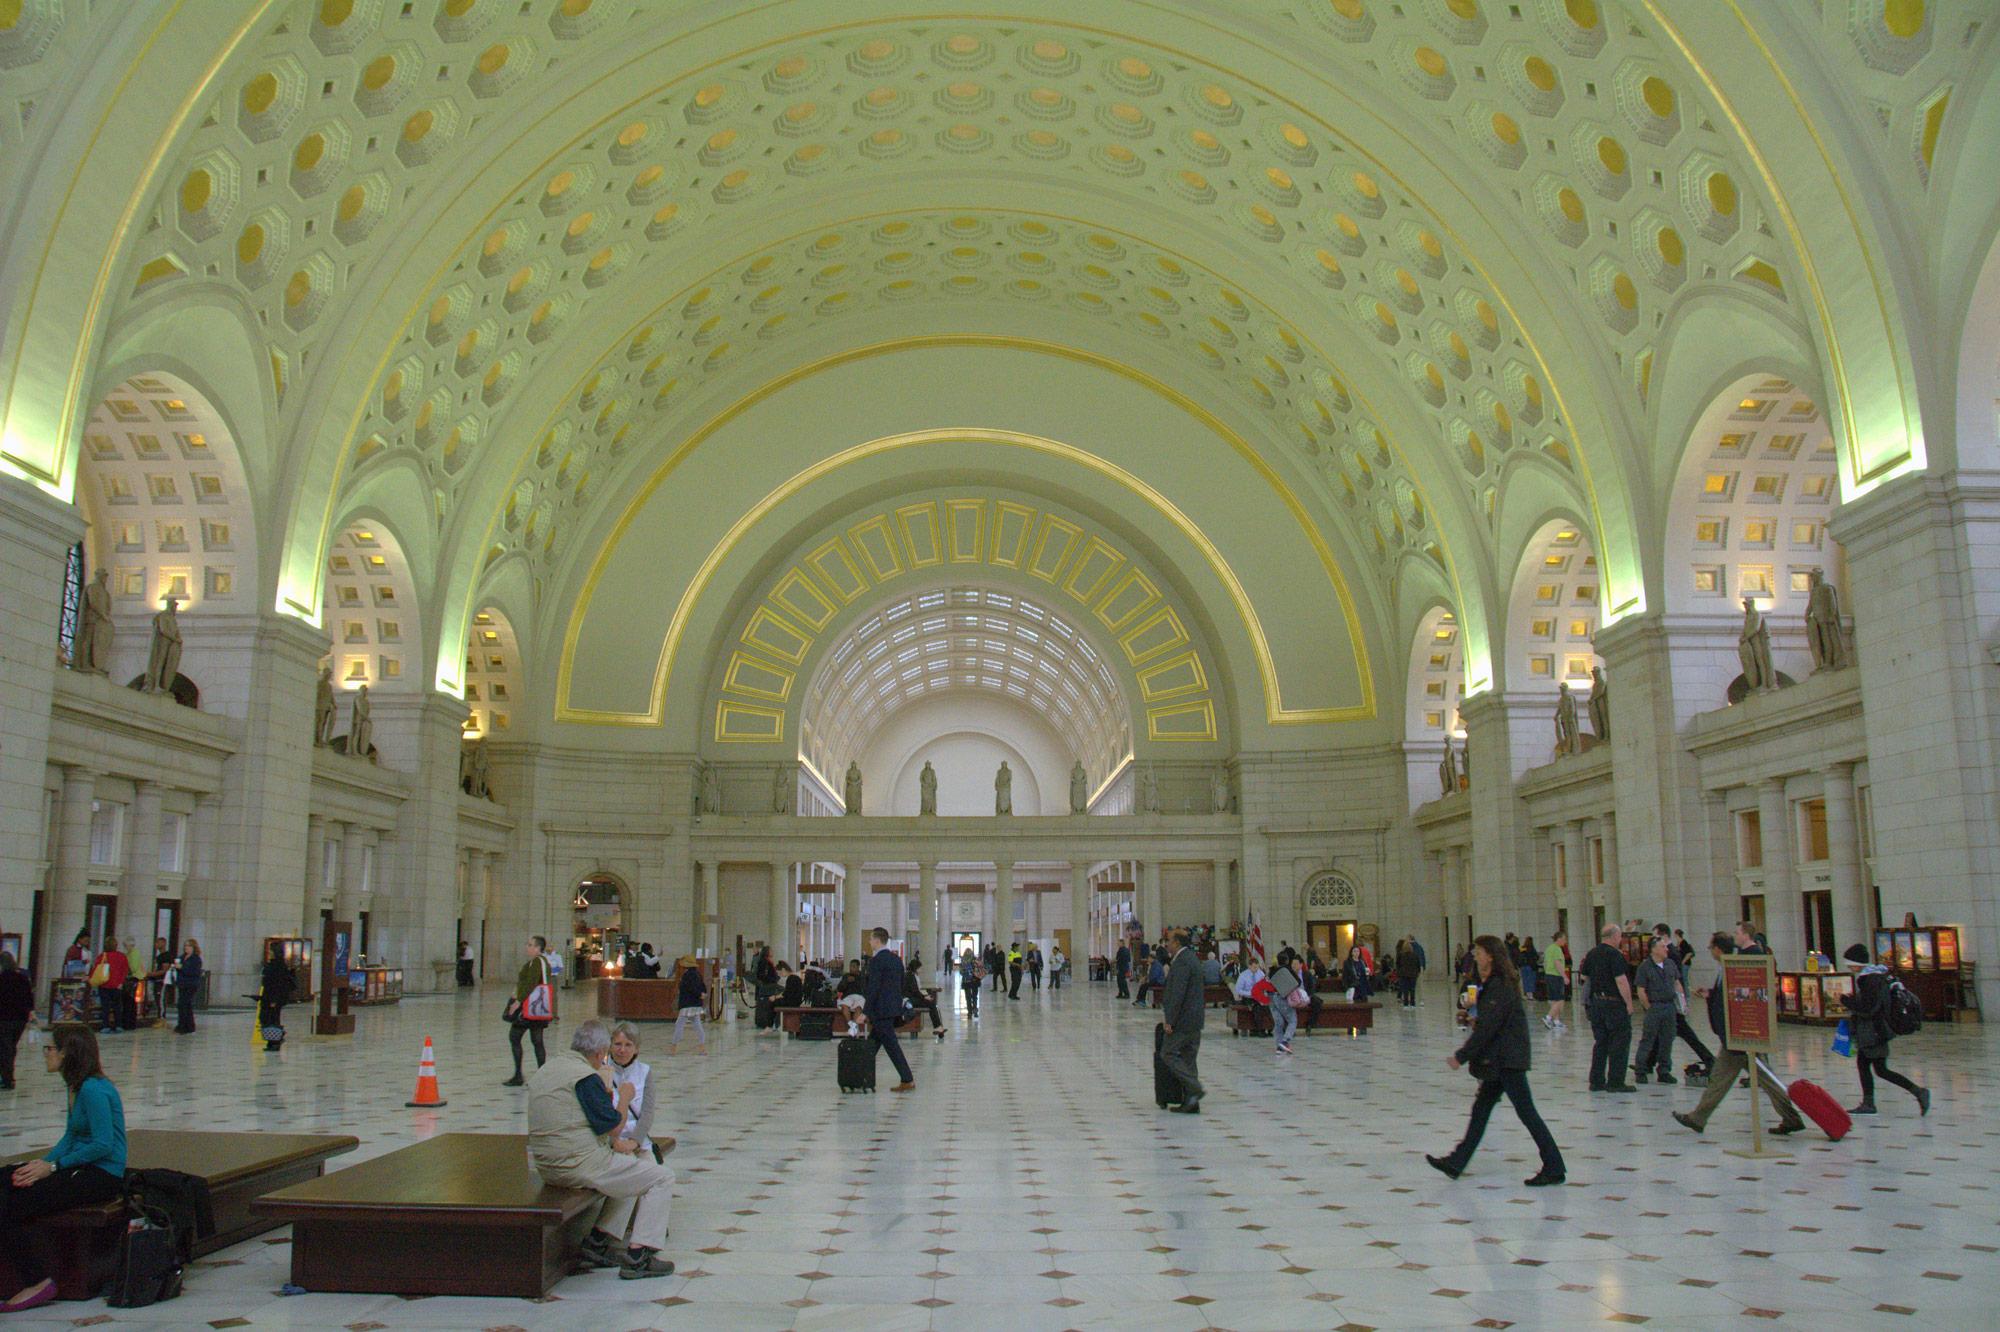 Washington union station photo